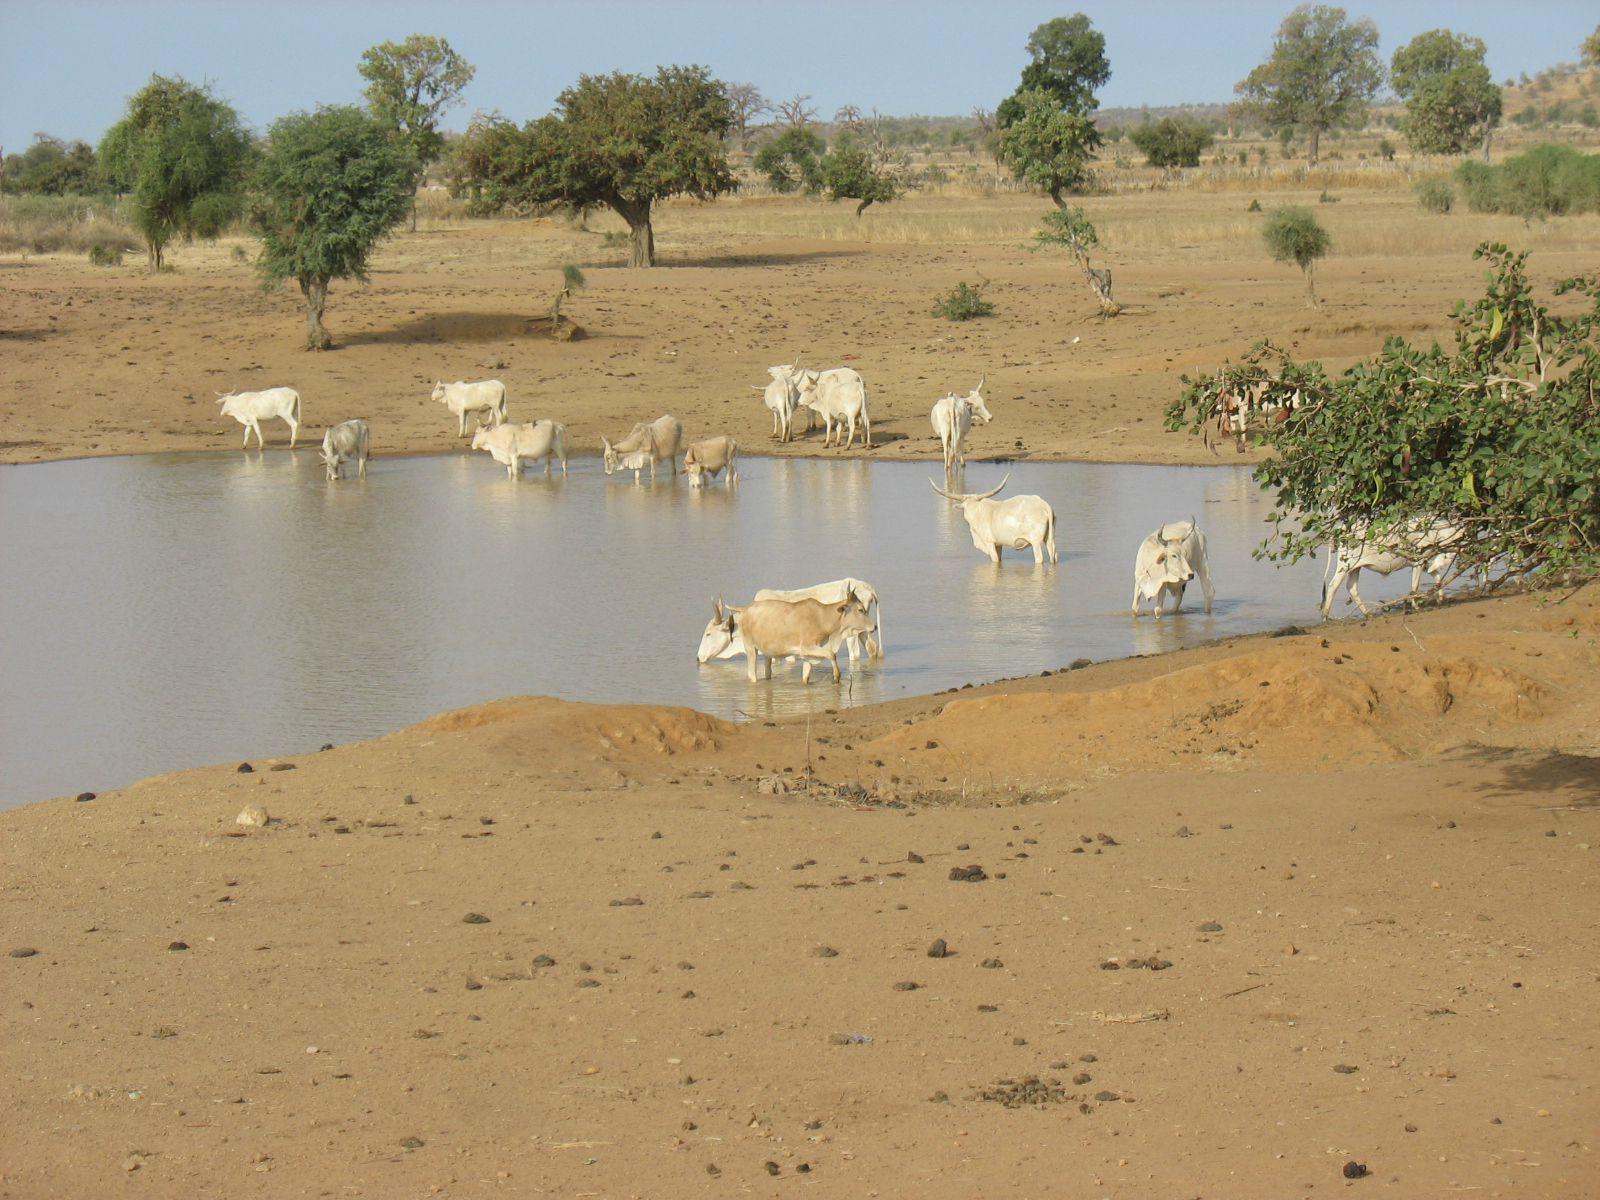 Les Vaches s'abreuvent